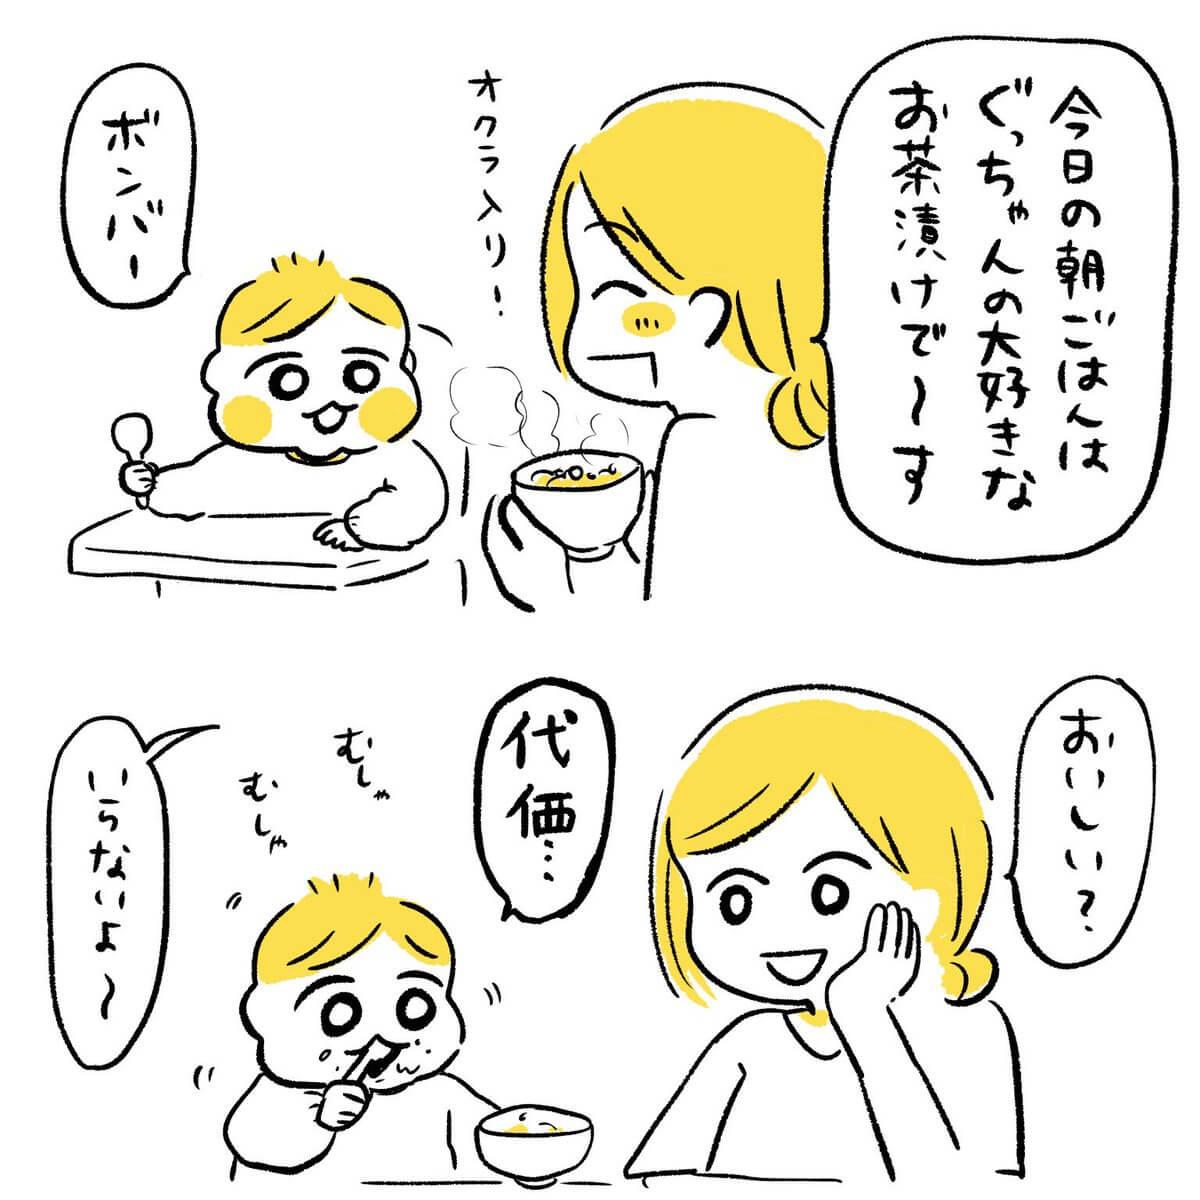 1歳4ヶ月男児との会話02